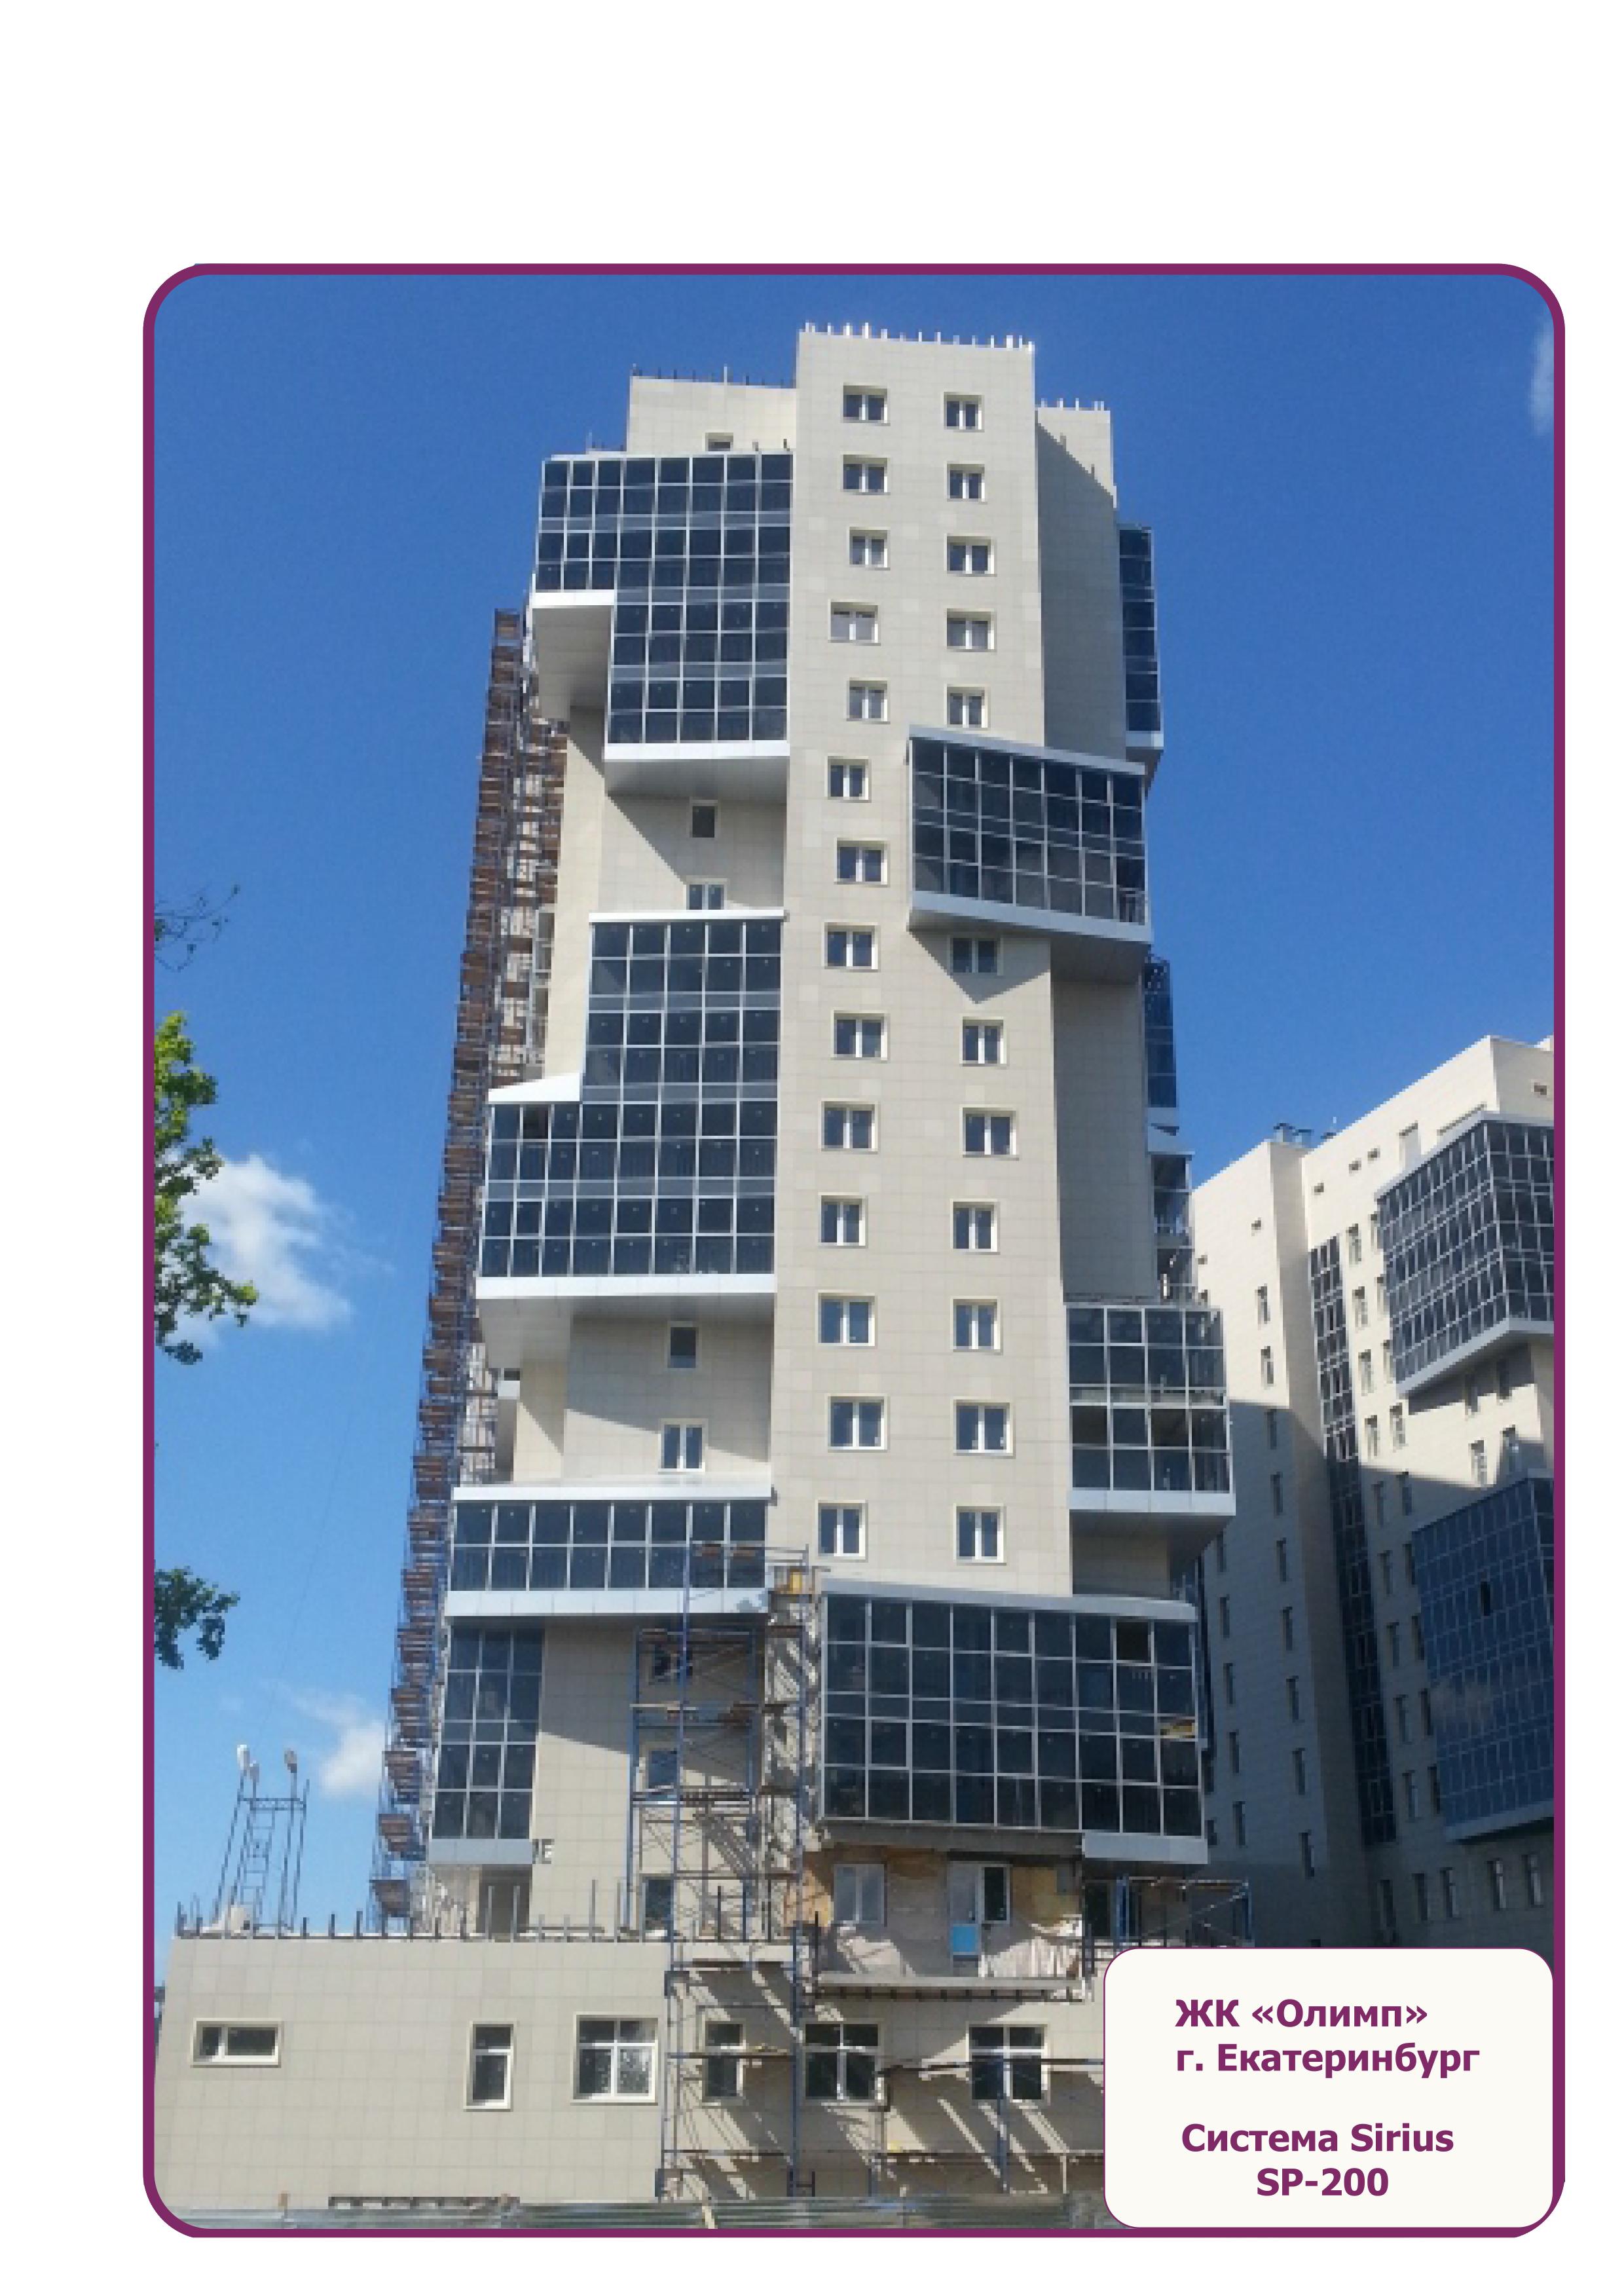 ЖК Олимп г. Екатеринбург Фасад объекта облицован на алюминиевой подсистеме SIRIUS SP-200 - композитные панели, усиленный профиль замкнутого сечения